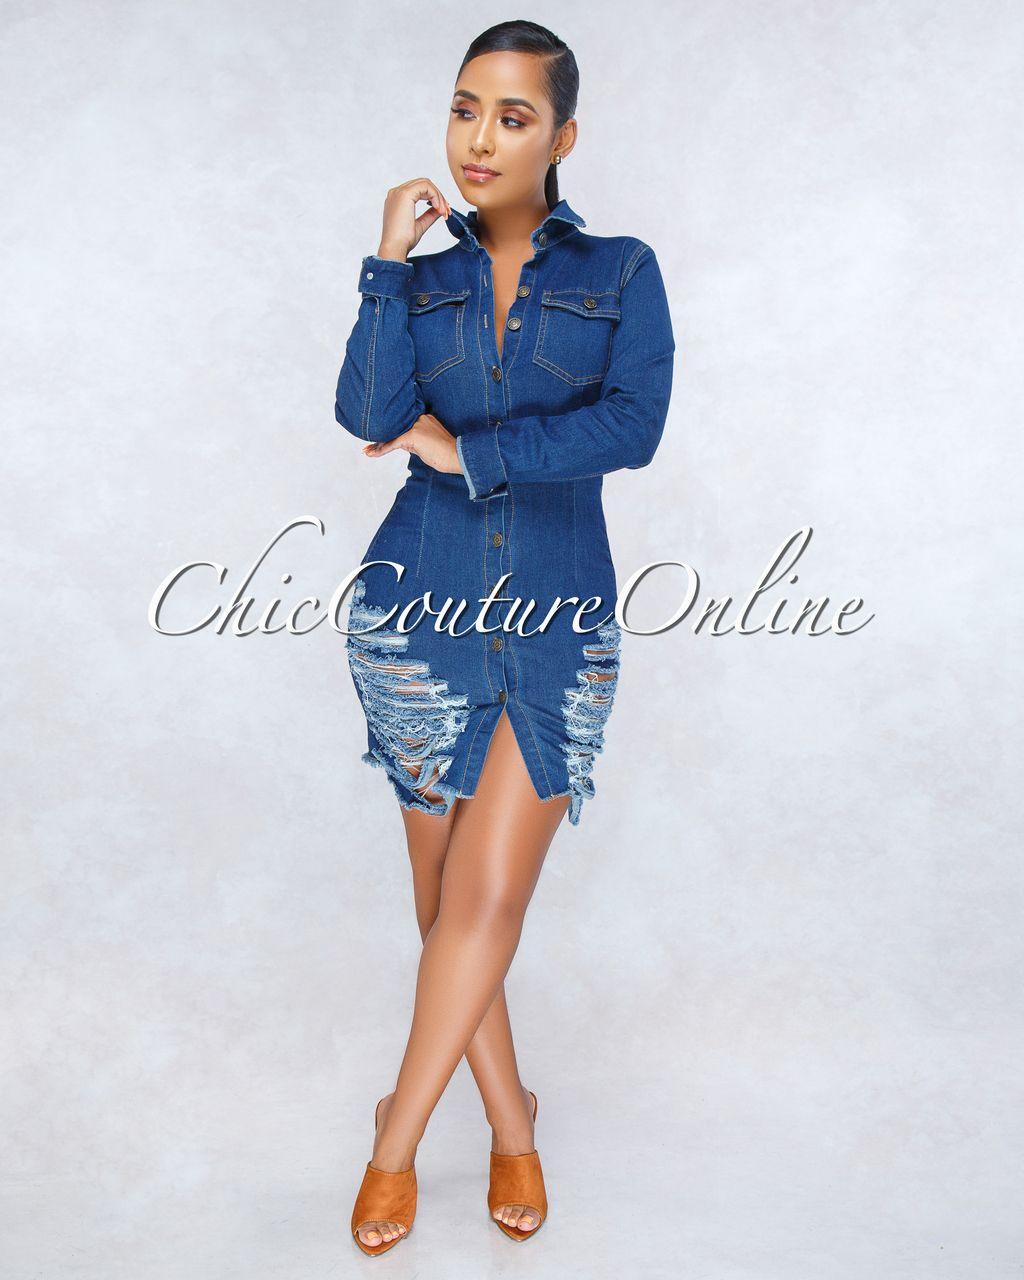 e86551d6383 Chic Couture Online - Rachel Blue Destroyed Denim Midi Dress